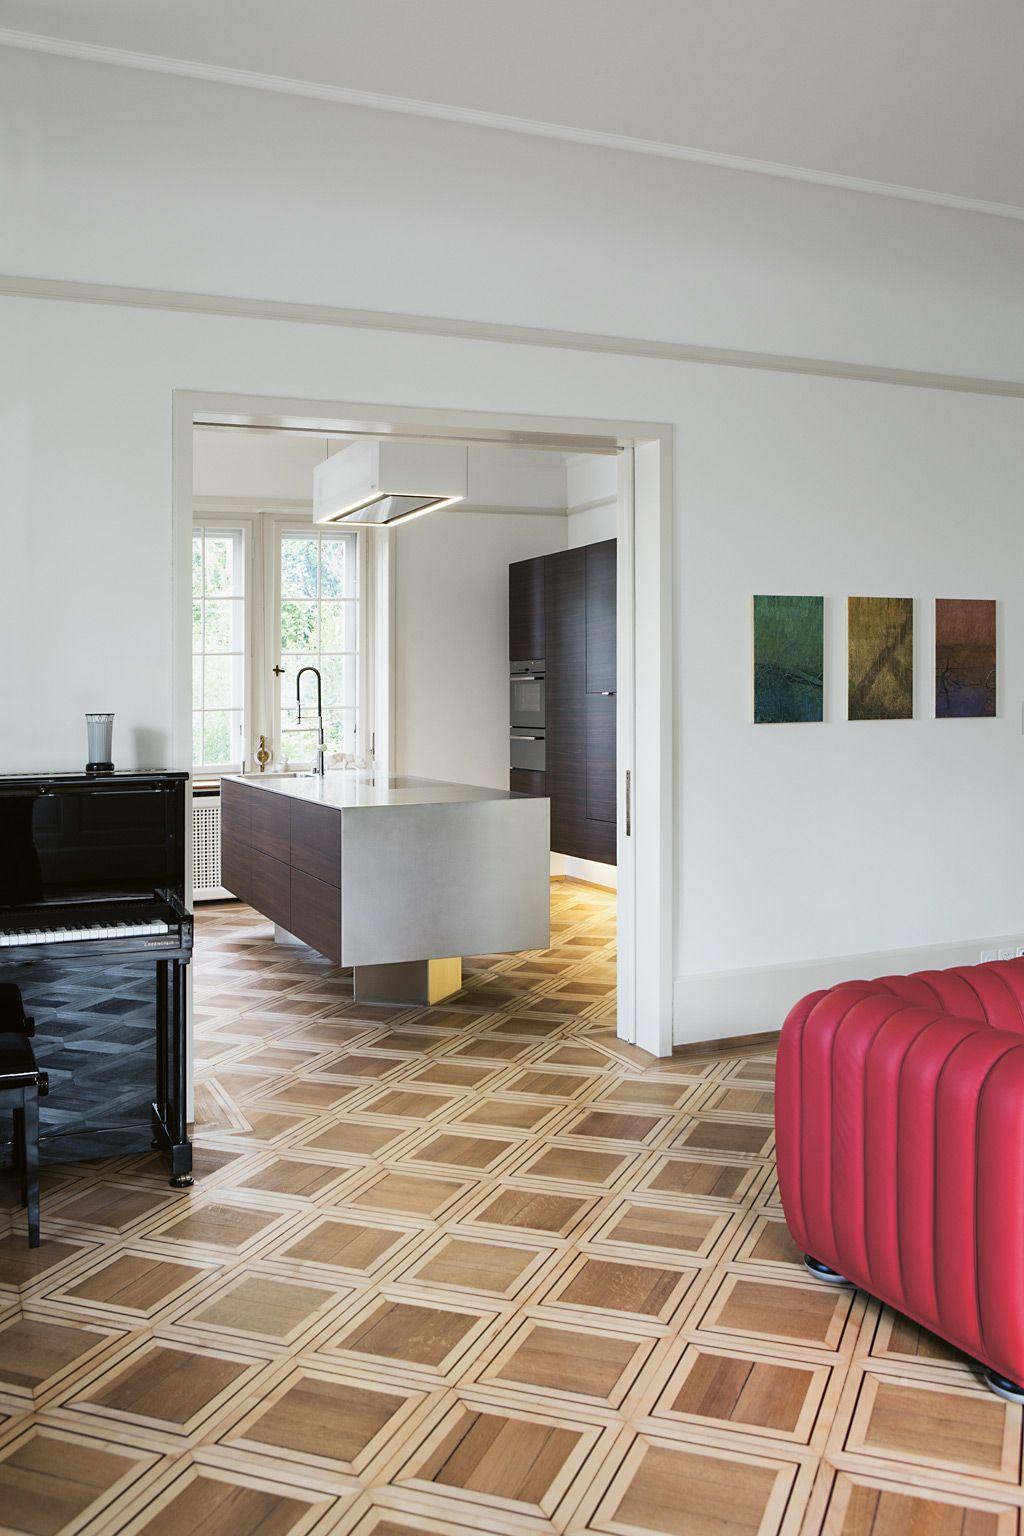 Charmant Virtuelles Küchendesign Pläne Bilder - Küchenschrank Ideen ...